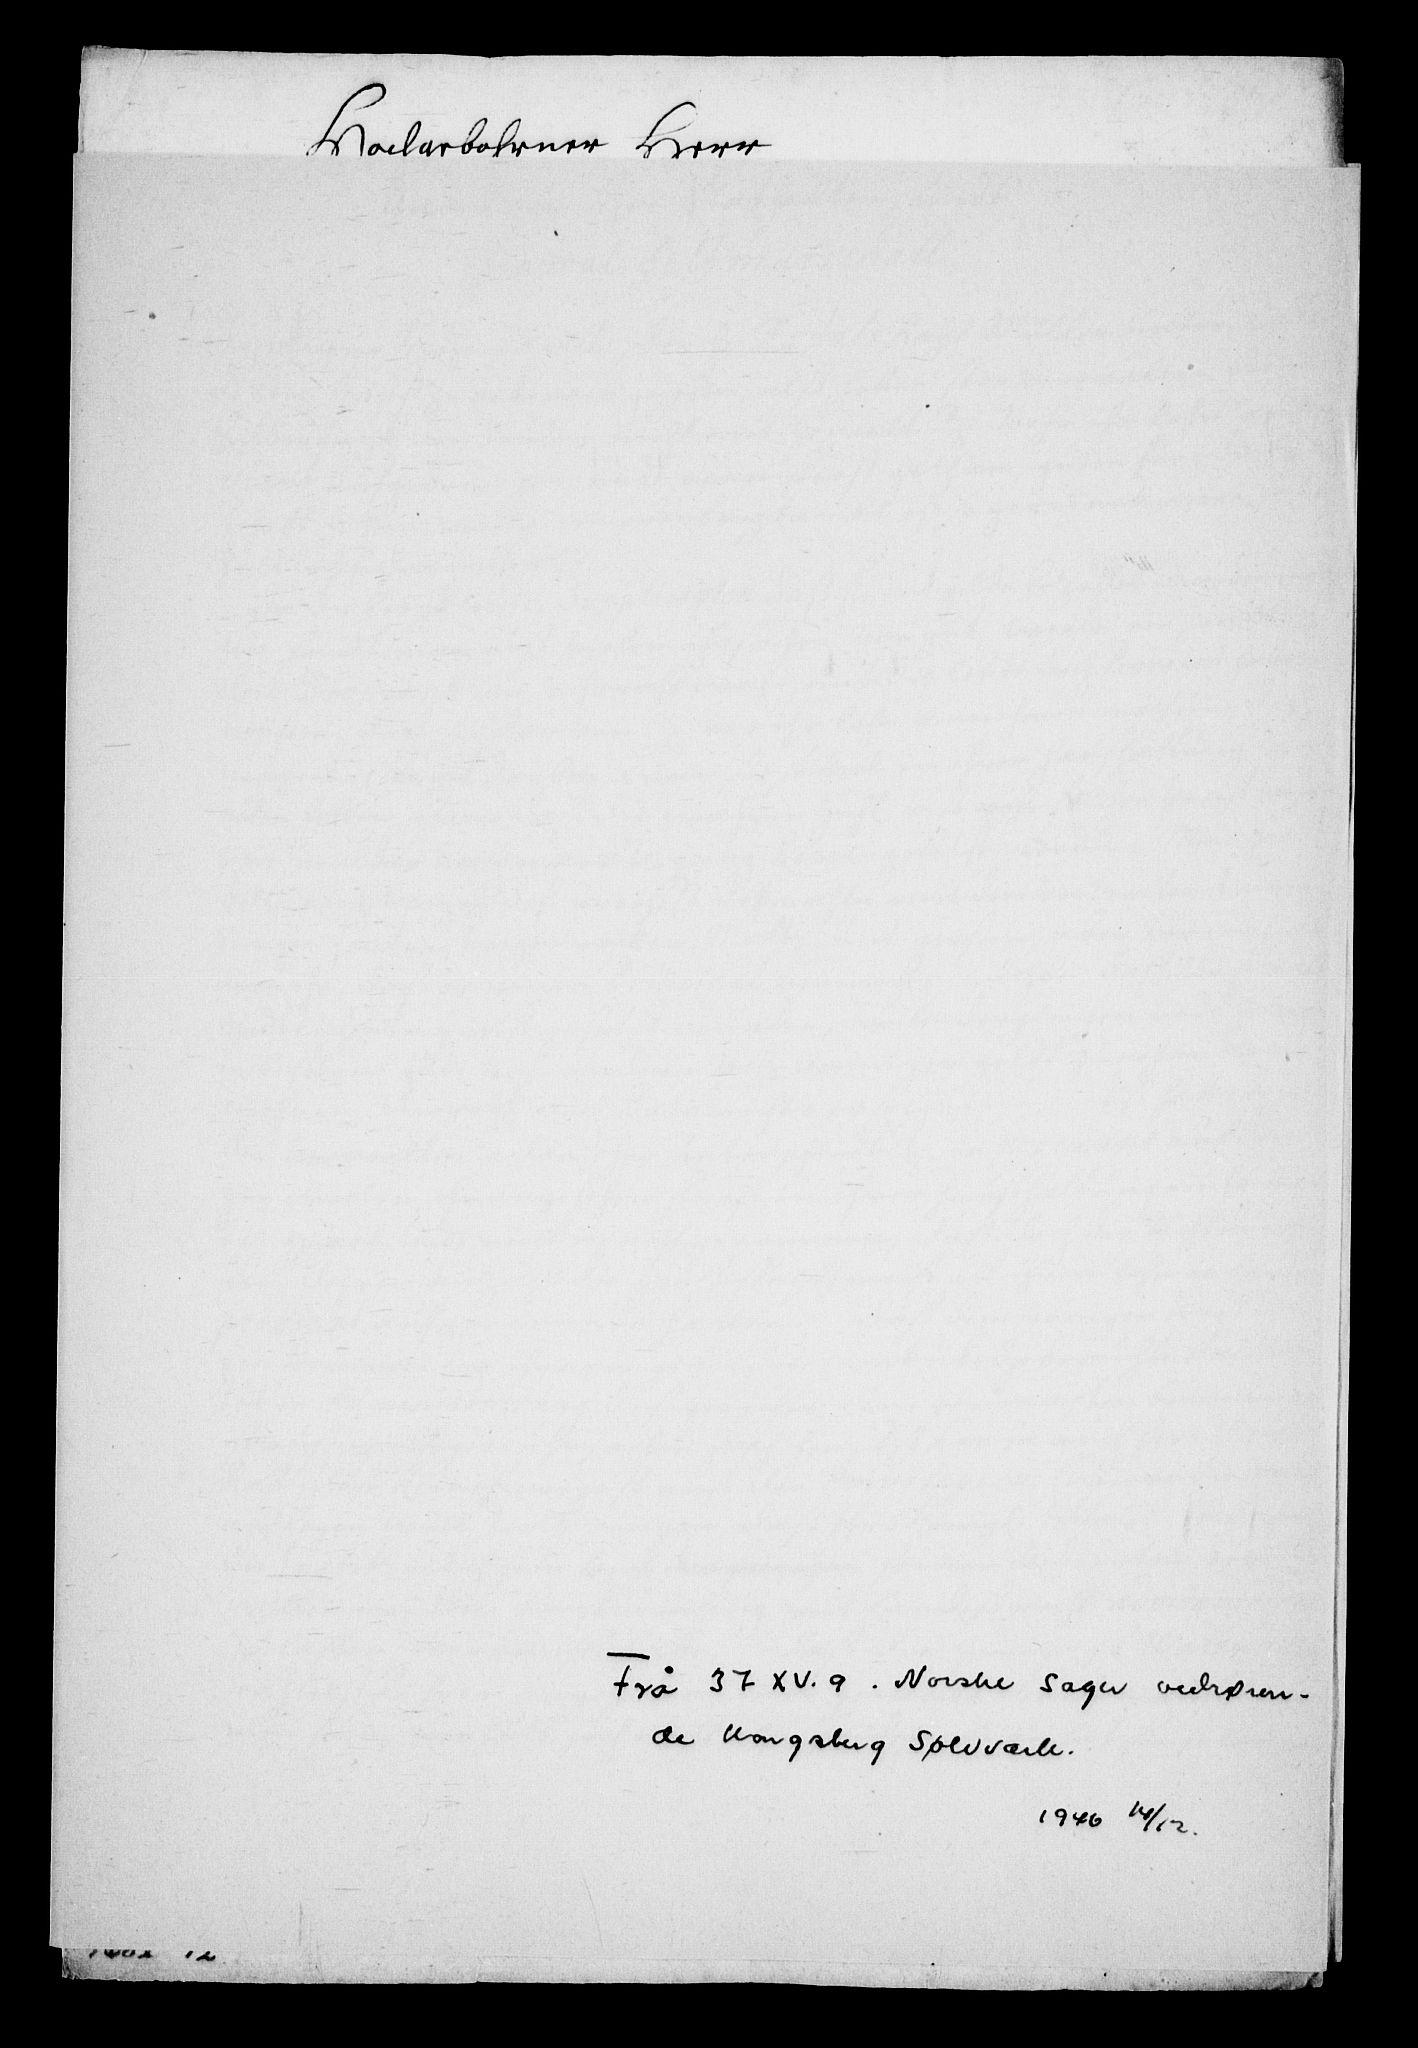 RA, Danske Kanselli, Skapsaker, G/L0019: Tillegg til skapsakene, 1616-1753, s. 202